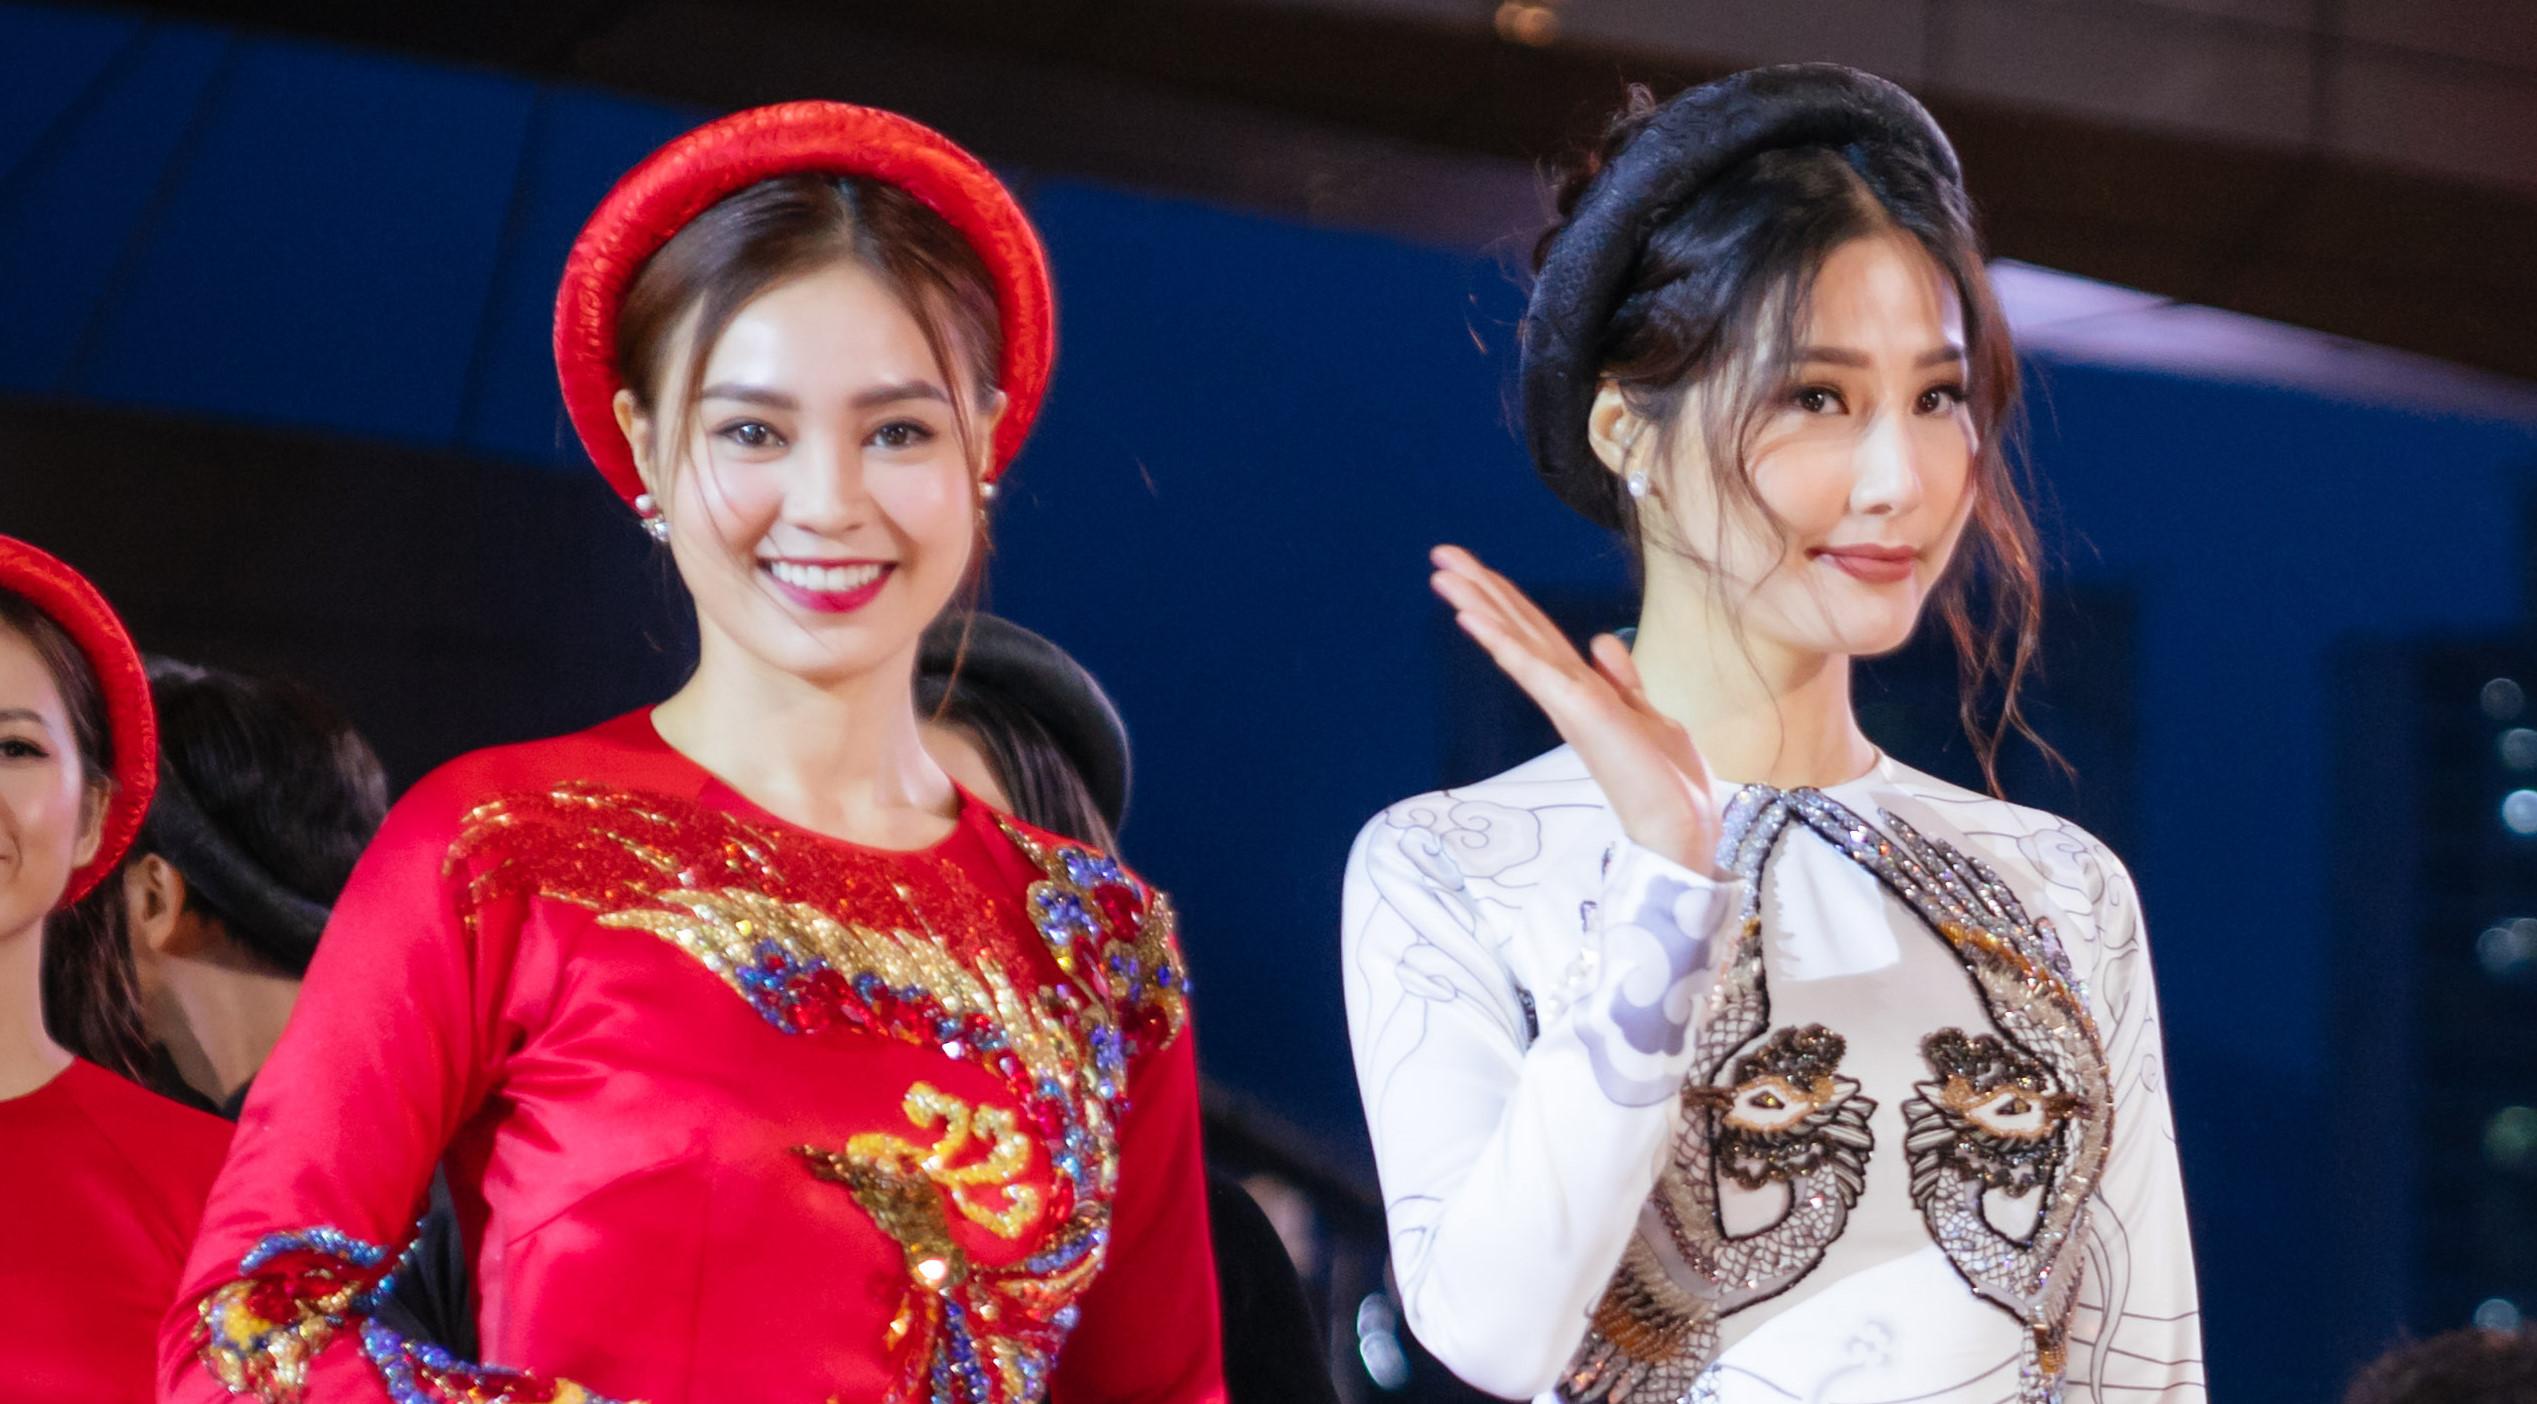 """4 người đẹp """"Cô Ba Sài Gòn"""" mặc áo dài xuất hiện tại thảm đỏ LHP Busan"""